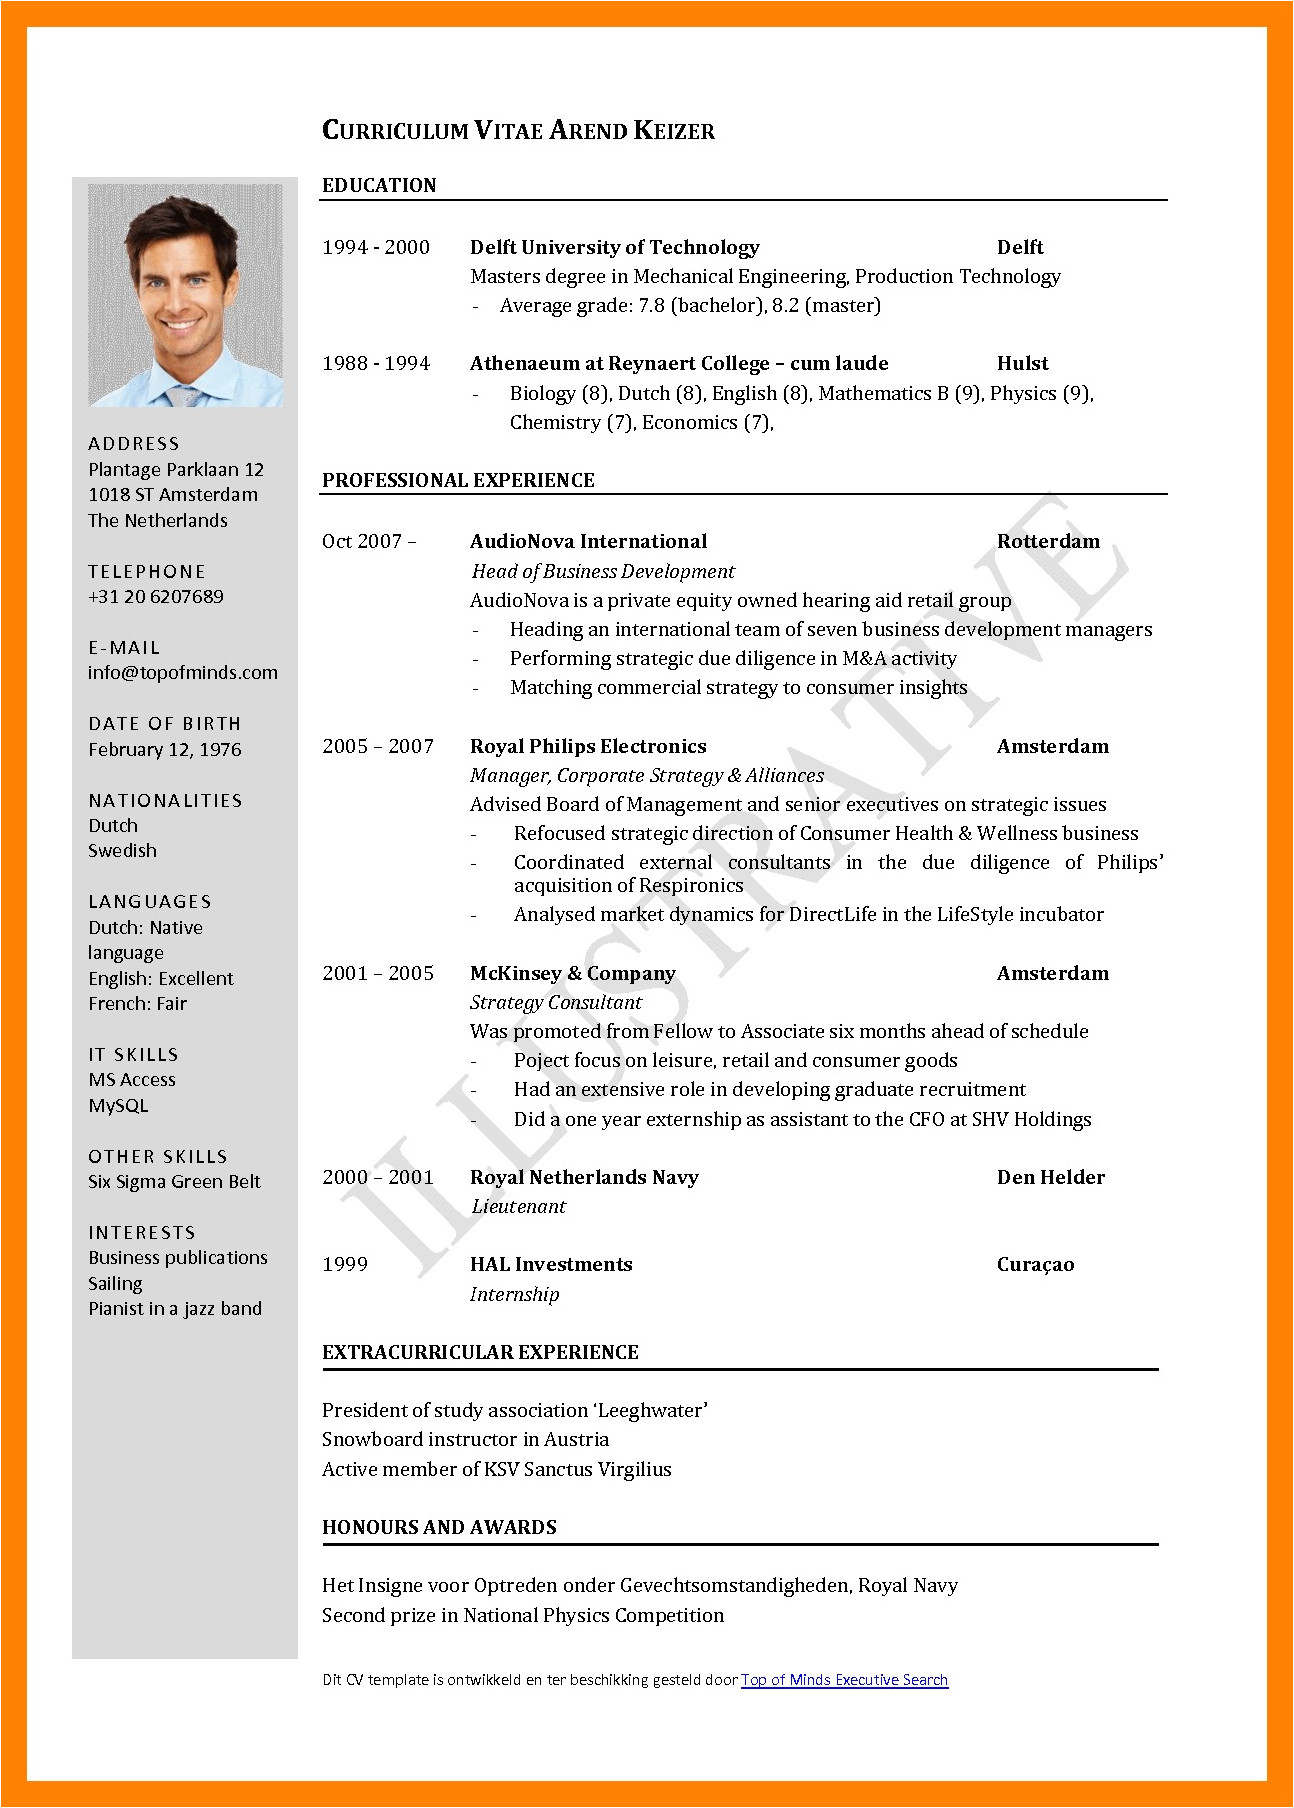 Curriculum Vitae format European Word 5 Curriculum Vitae European format Word theorynpractice